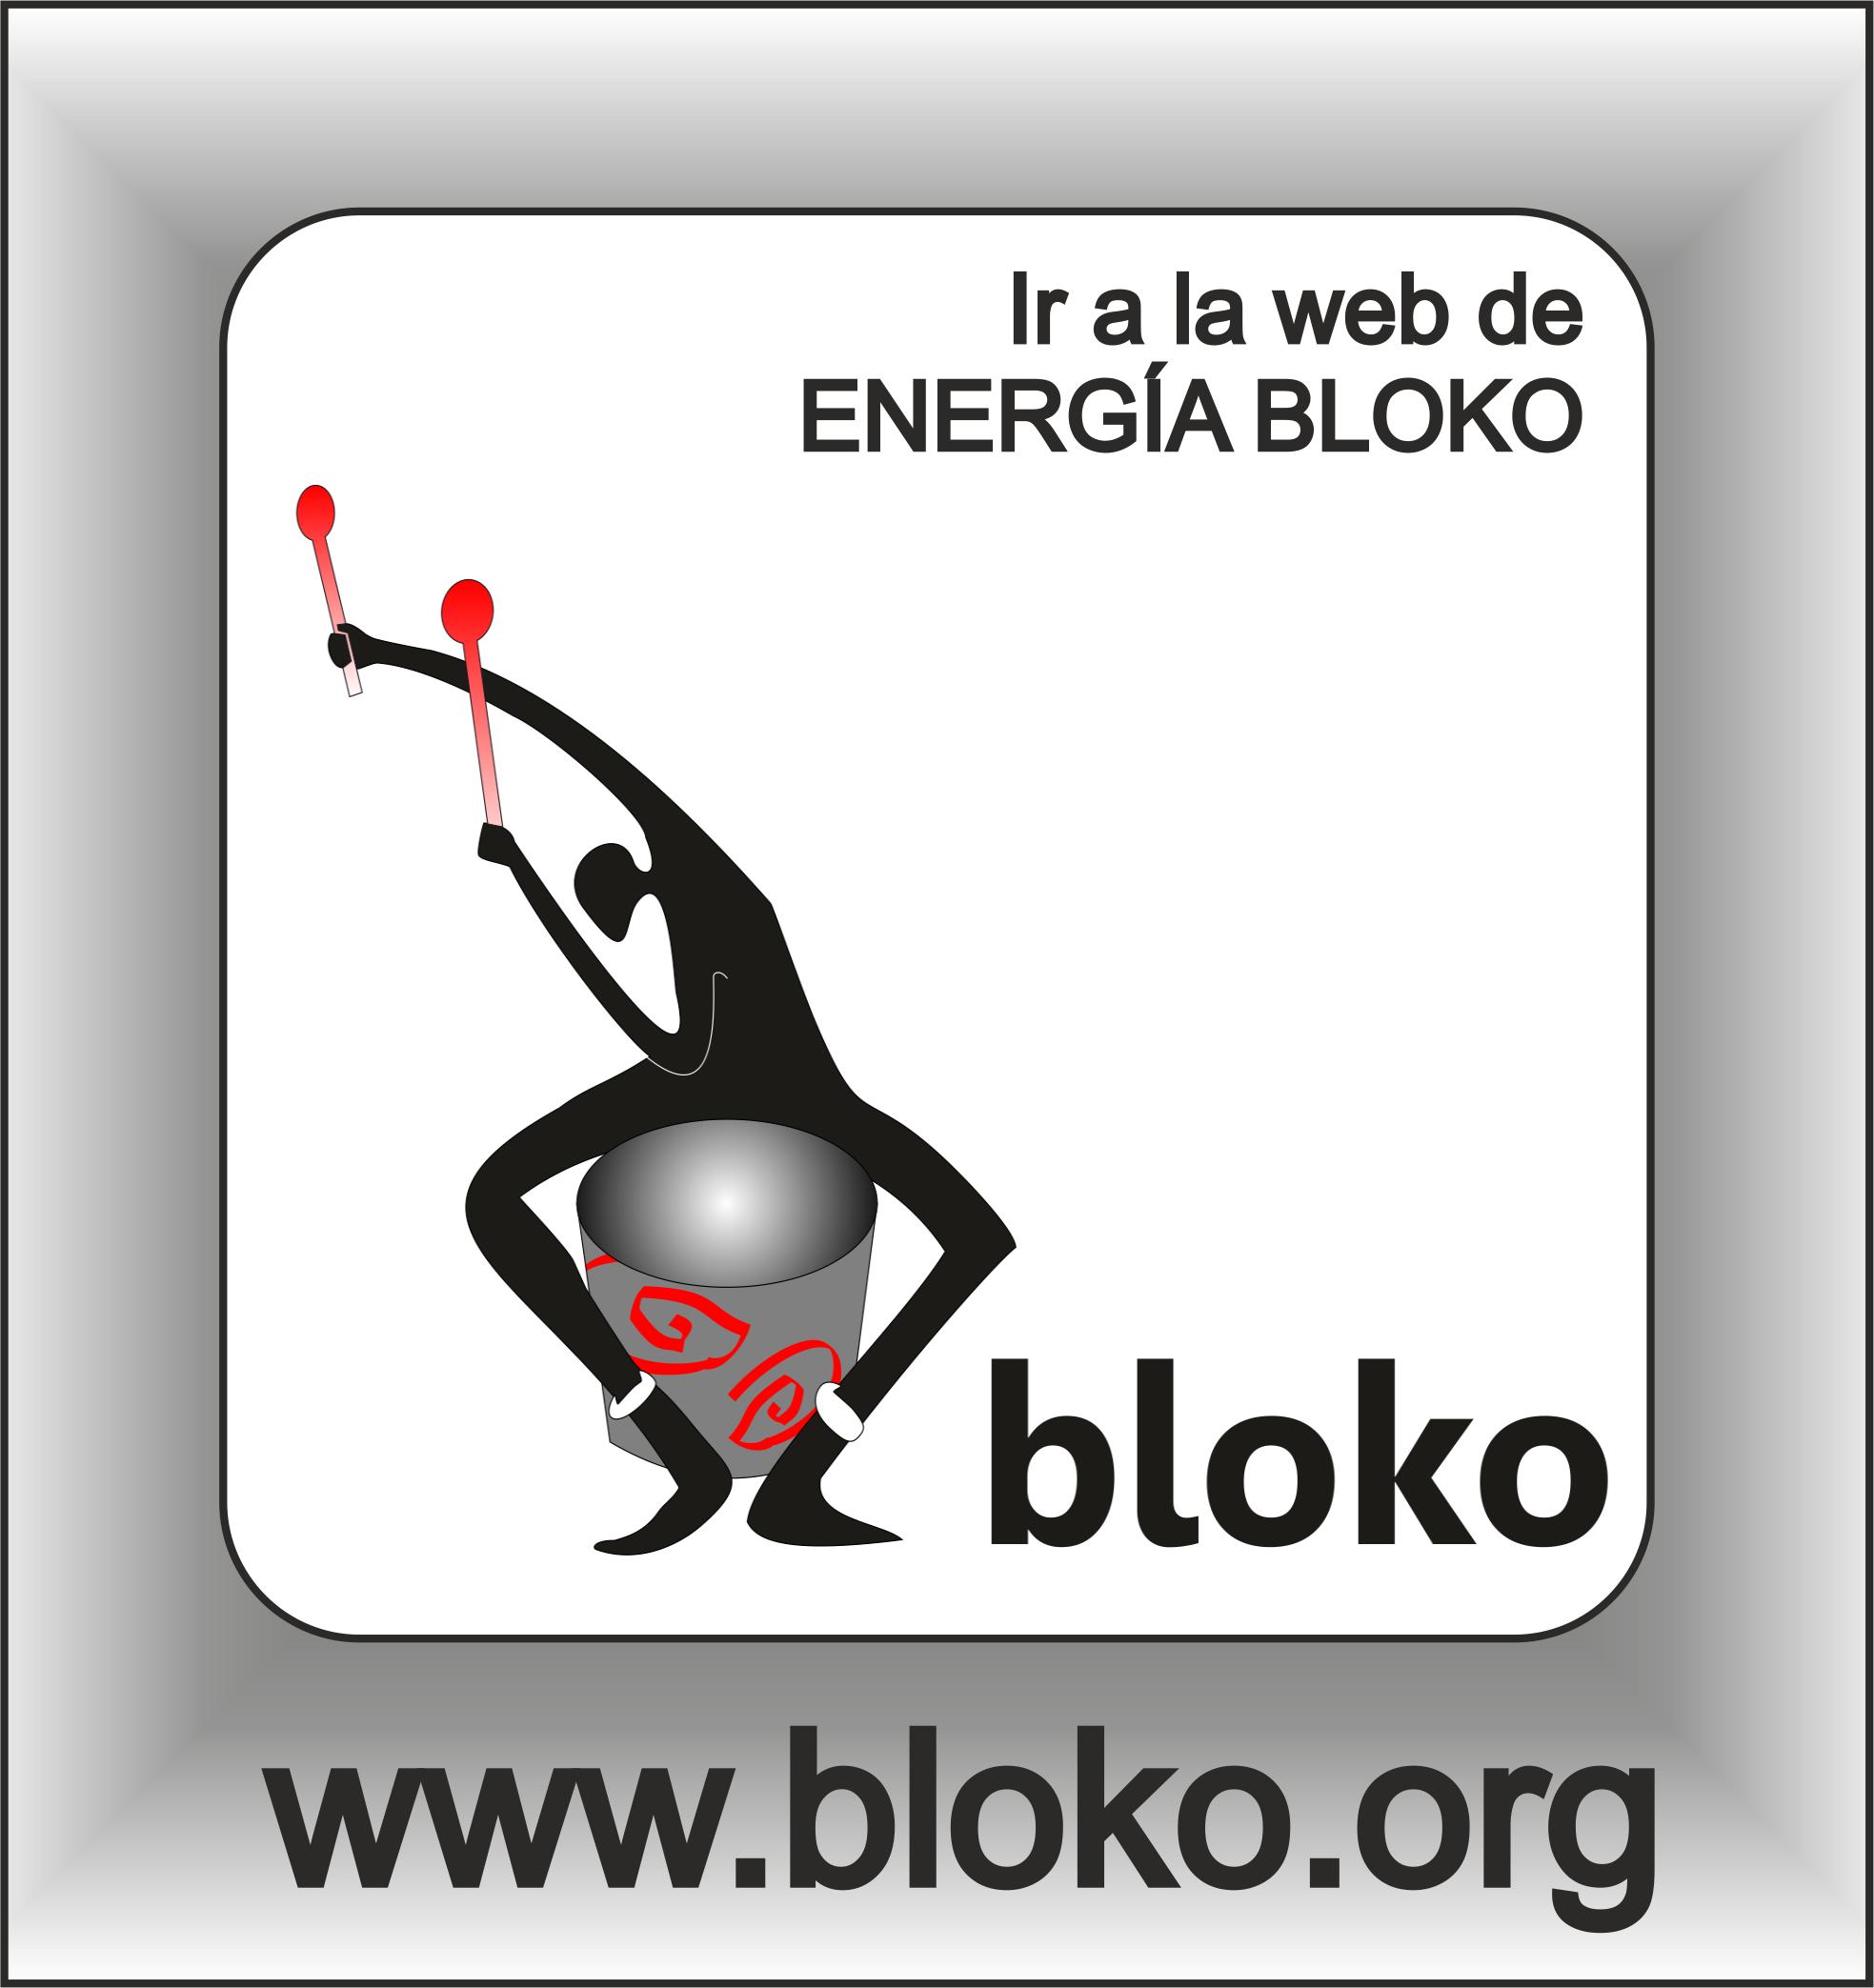 Ir a la web de ENERGÍA BLOKO